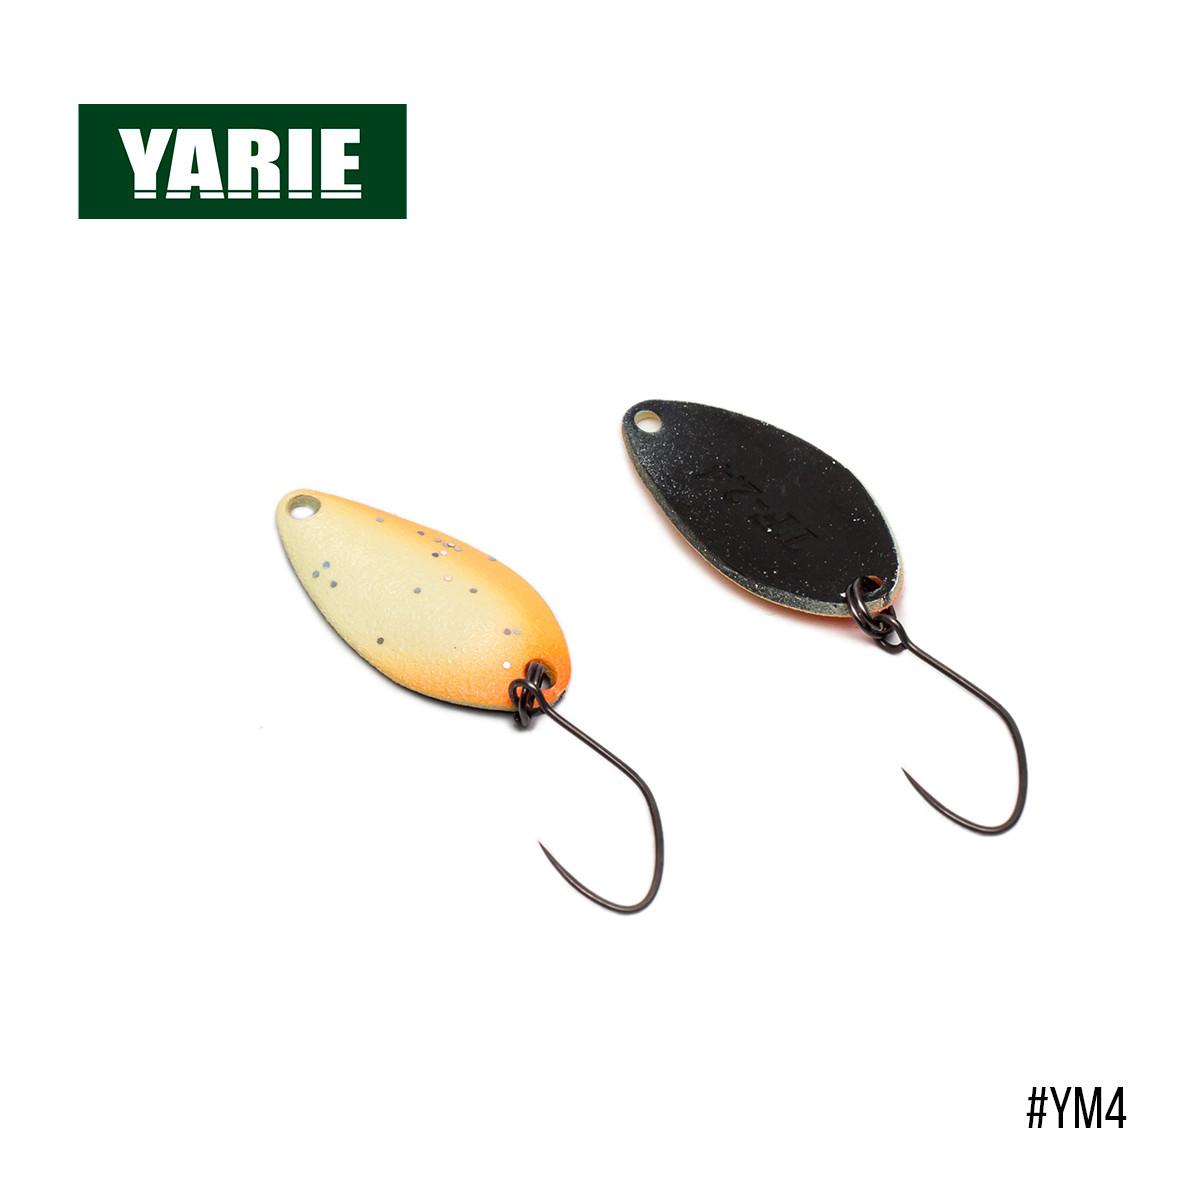 Блесна Yarie Jespa T-Fresh 25mm 2.4g (YM4)